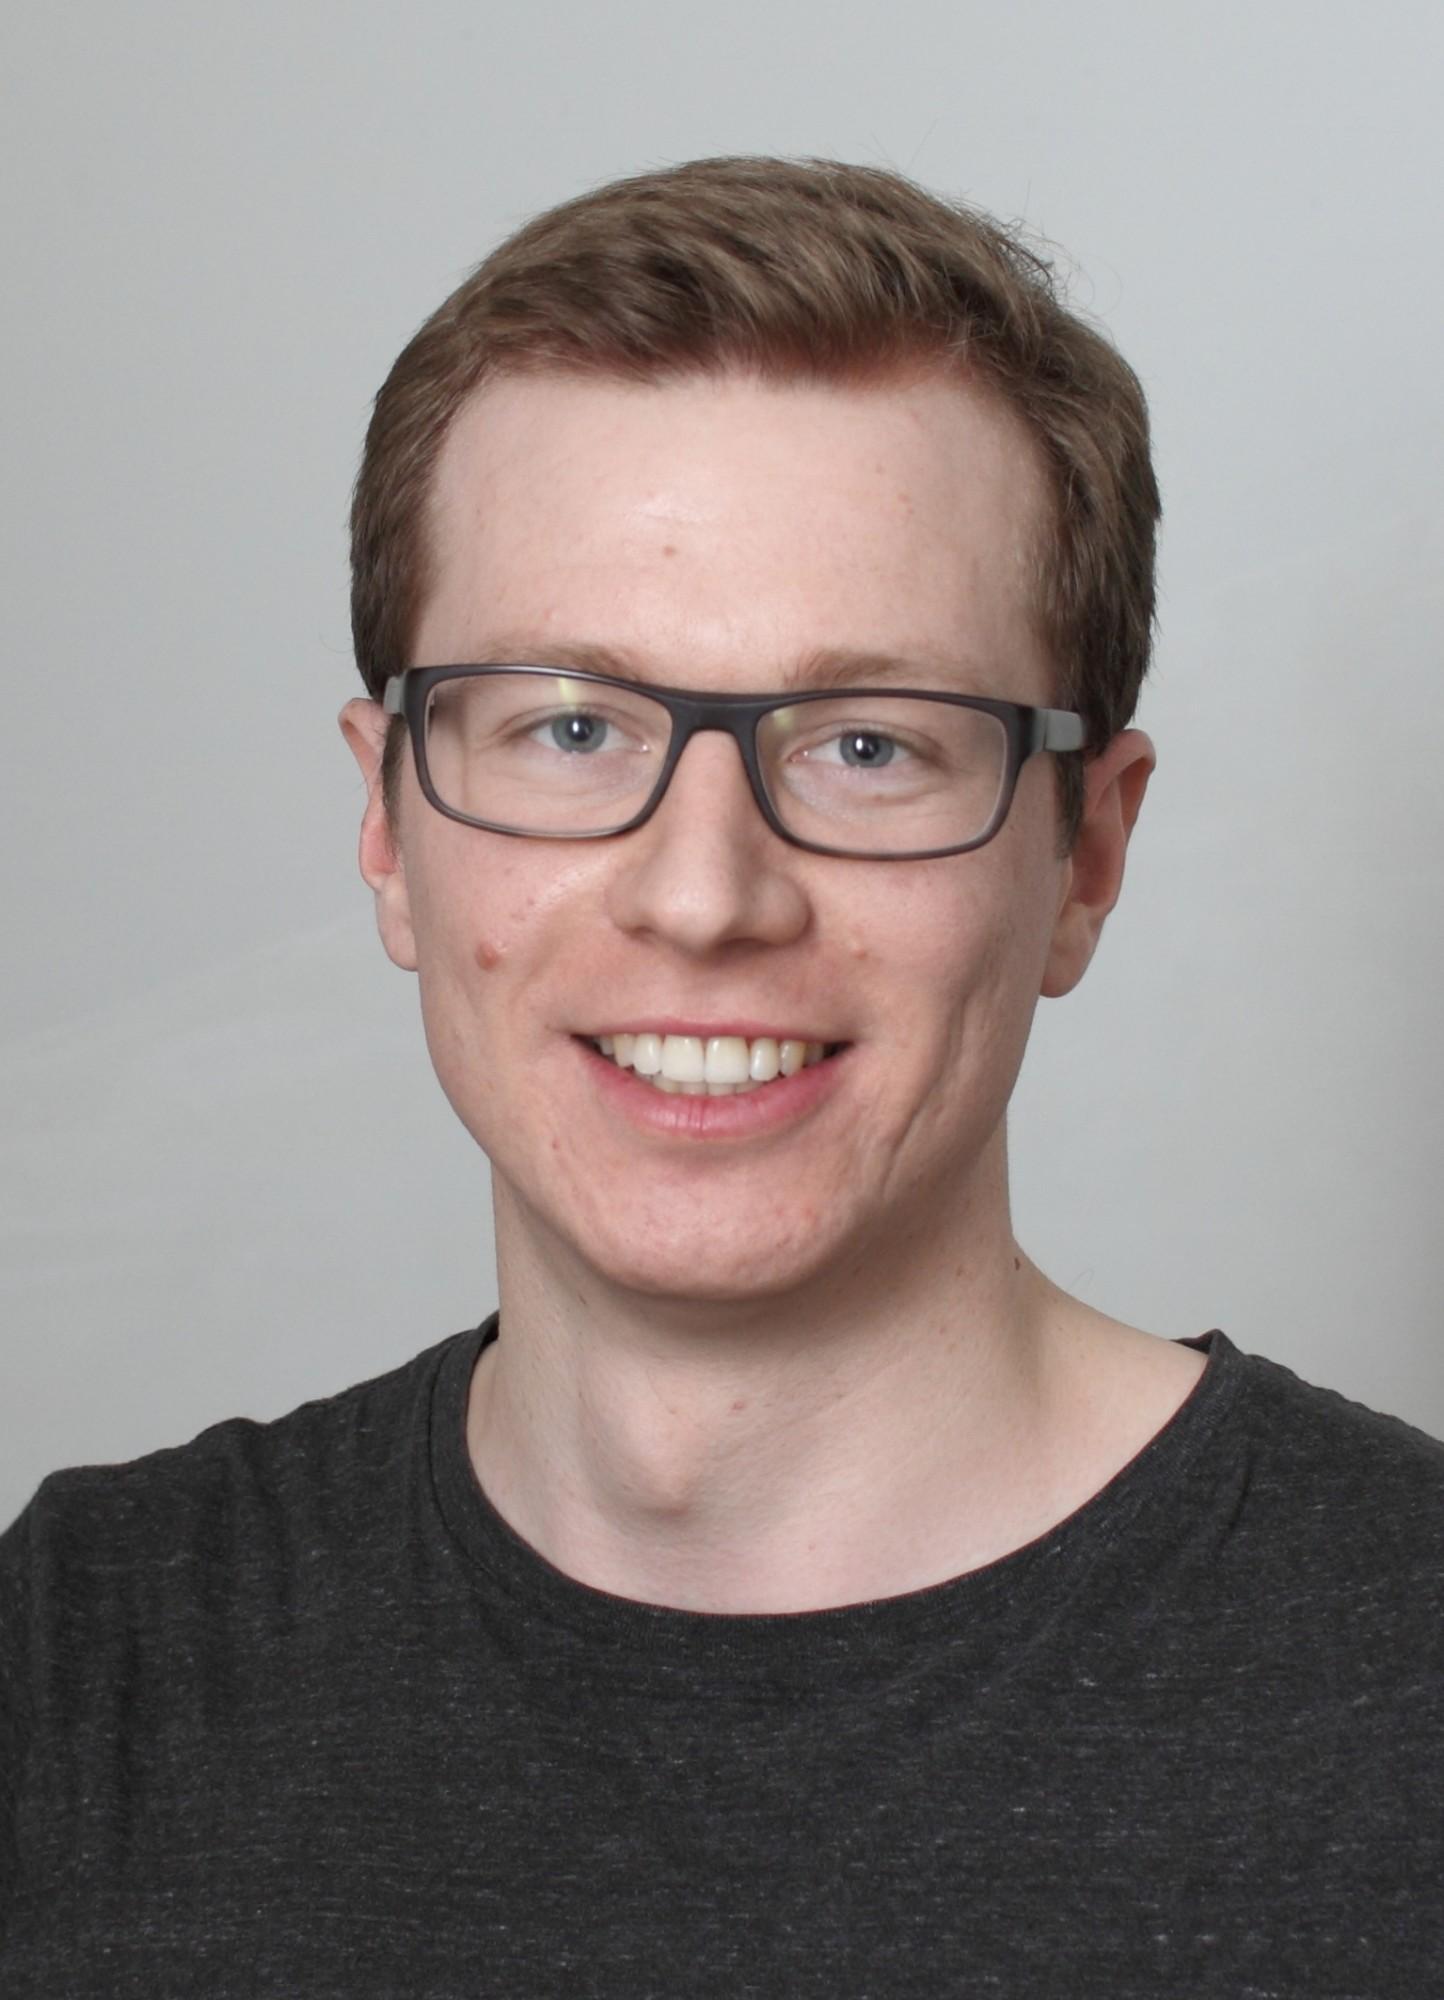 Christian Fiebig